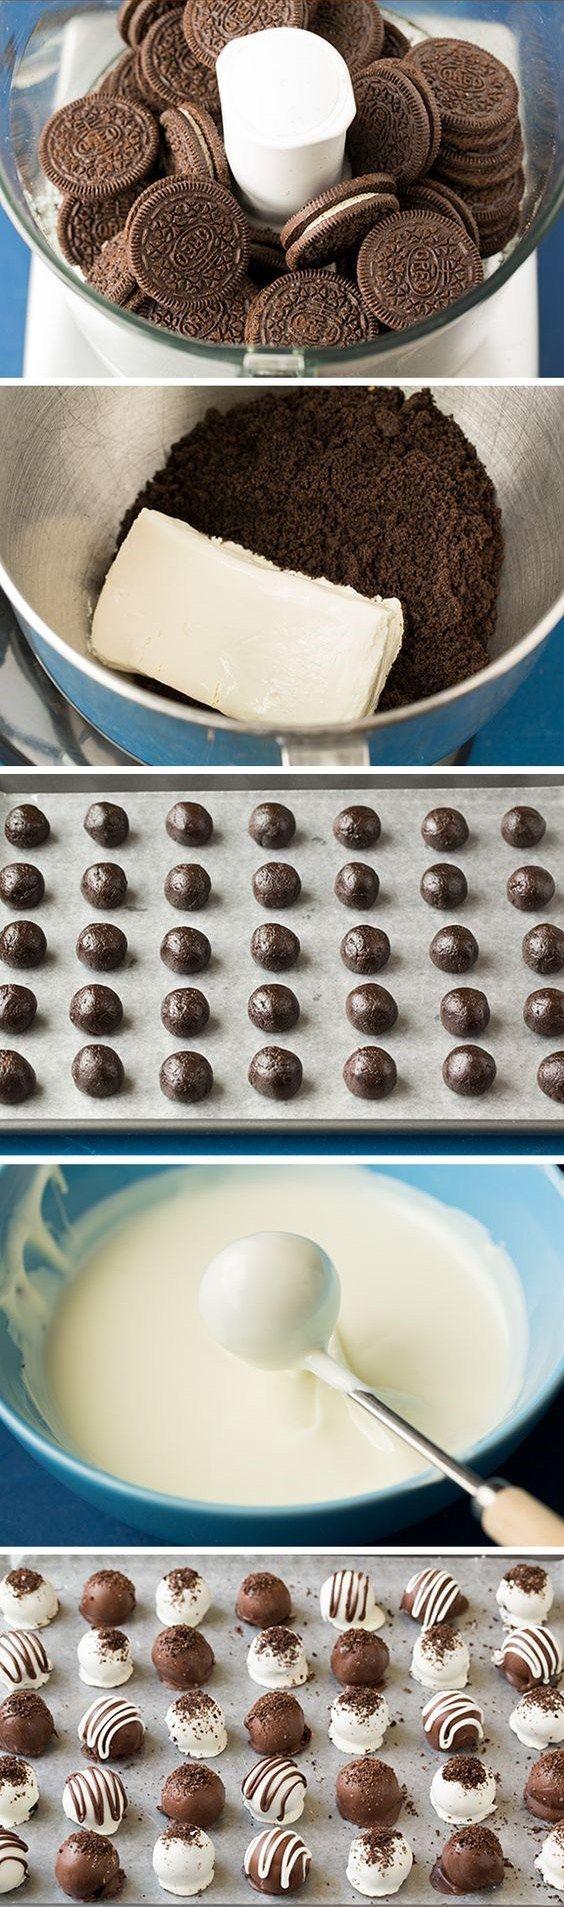 trufas-de-oreo-receta.jpg (564×1907)